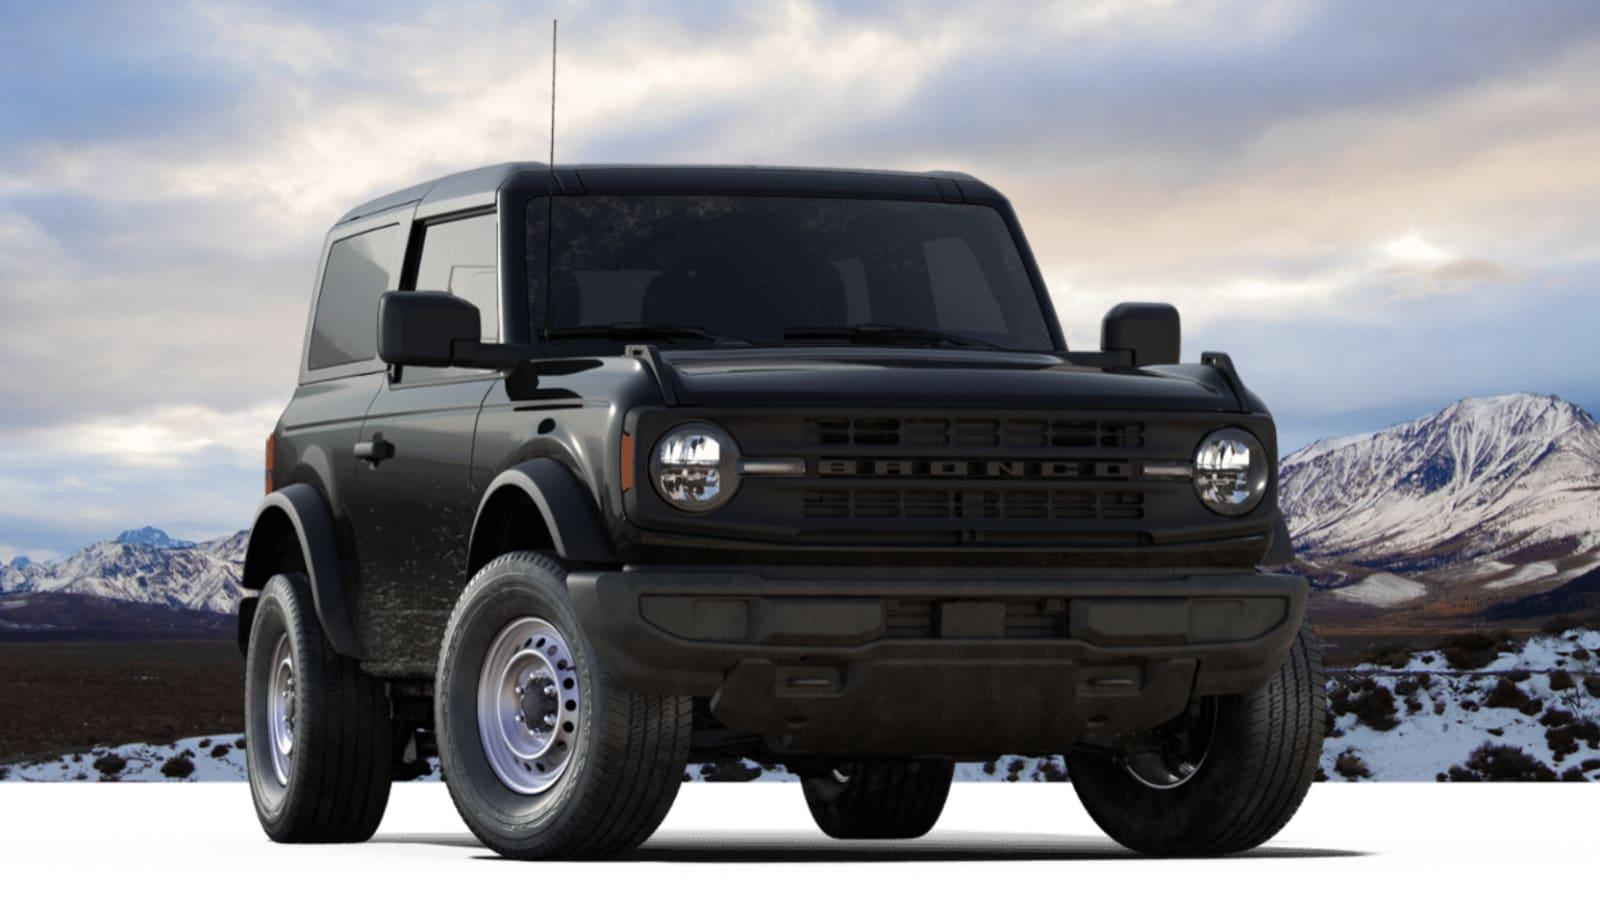 2021 Ford Bronco base trim